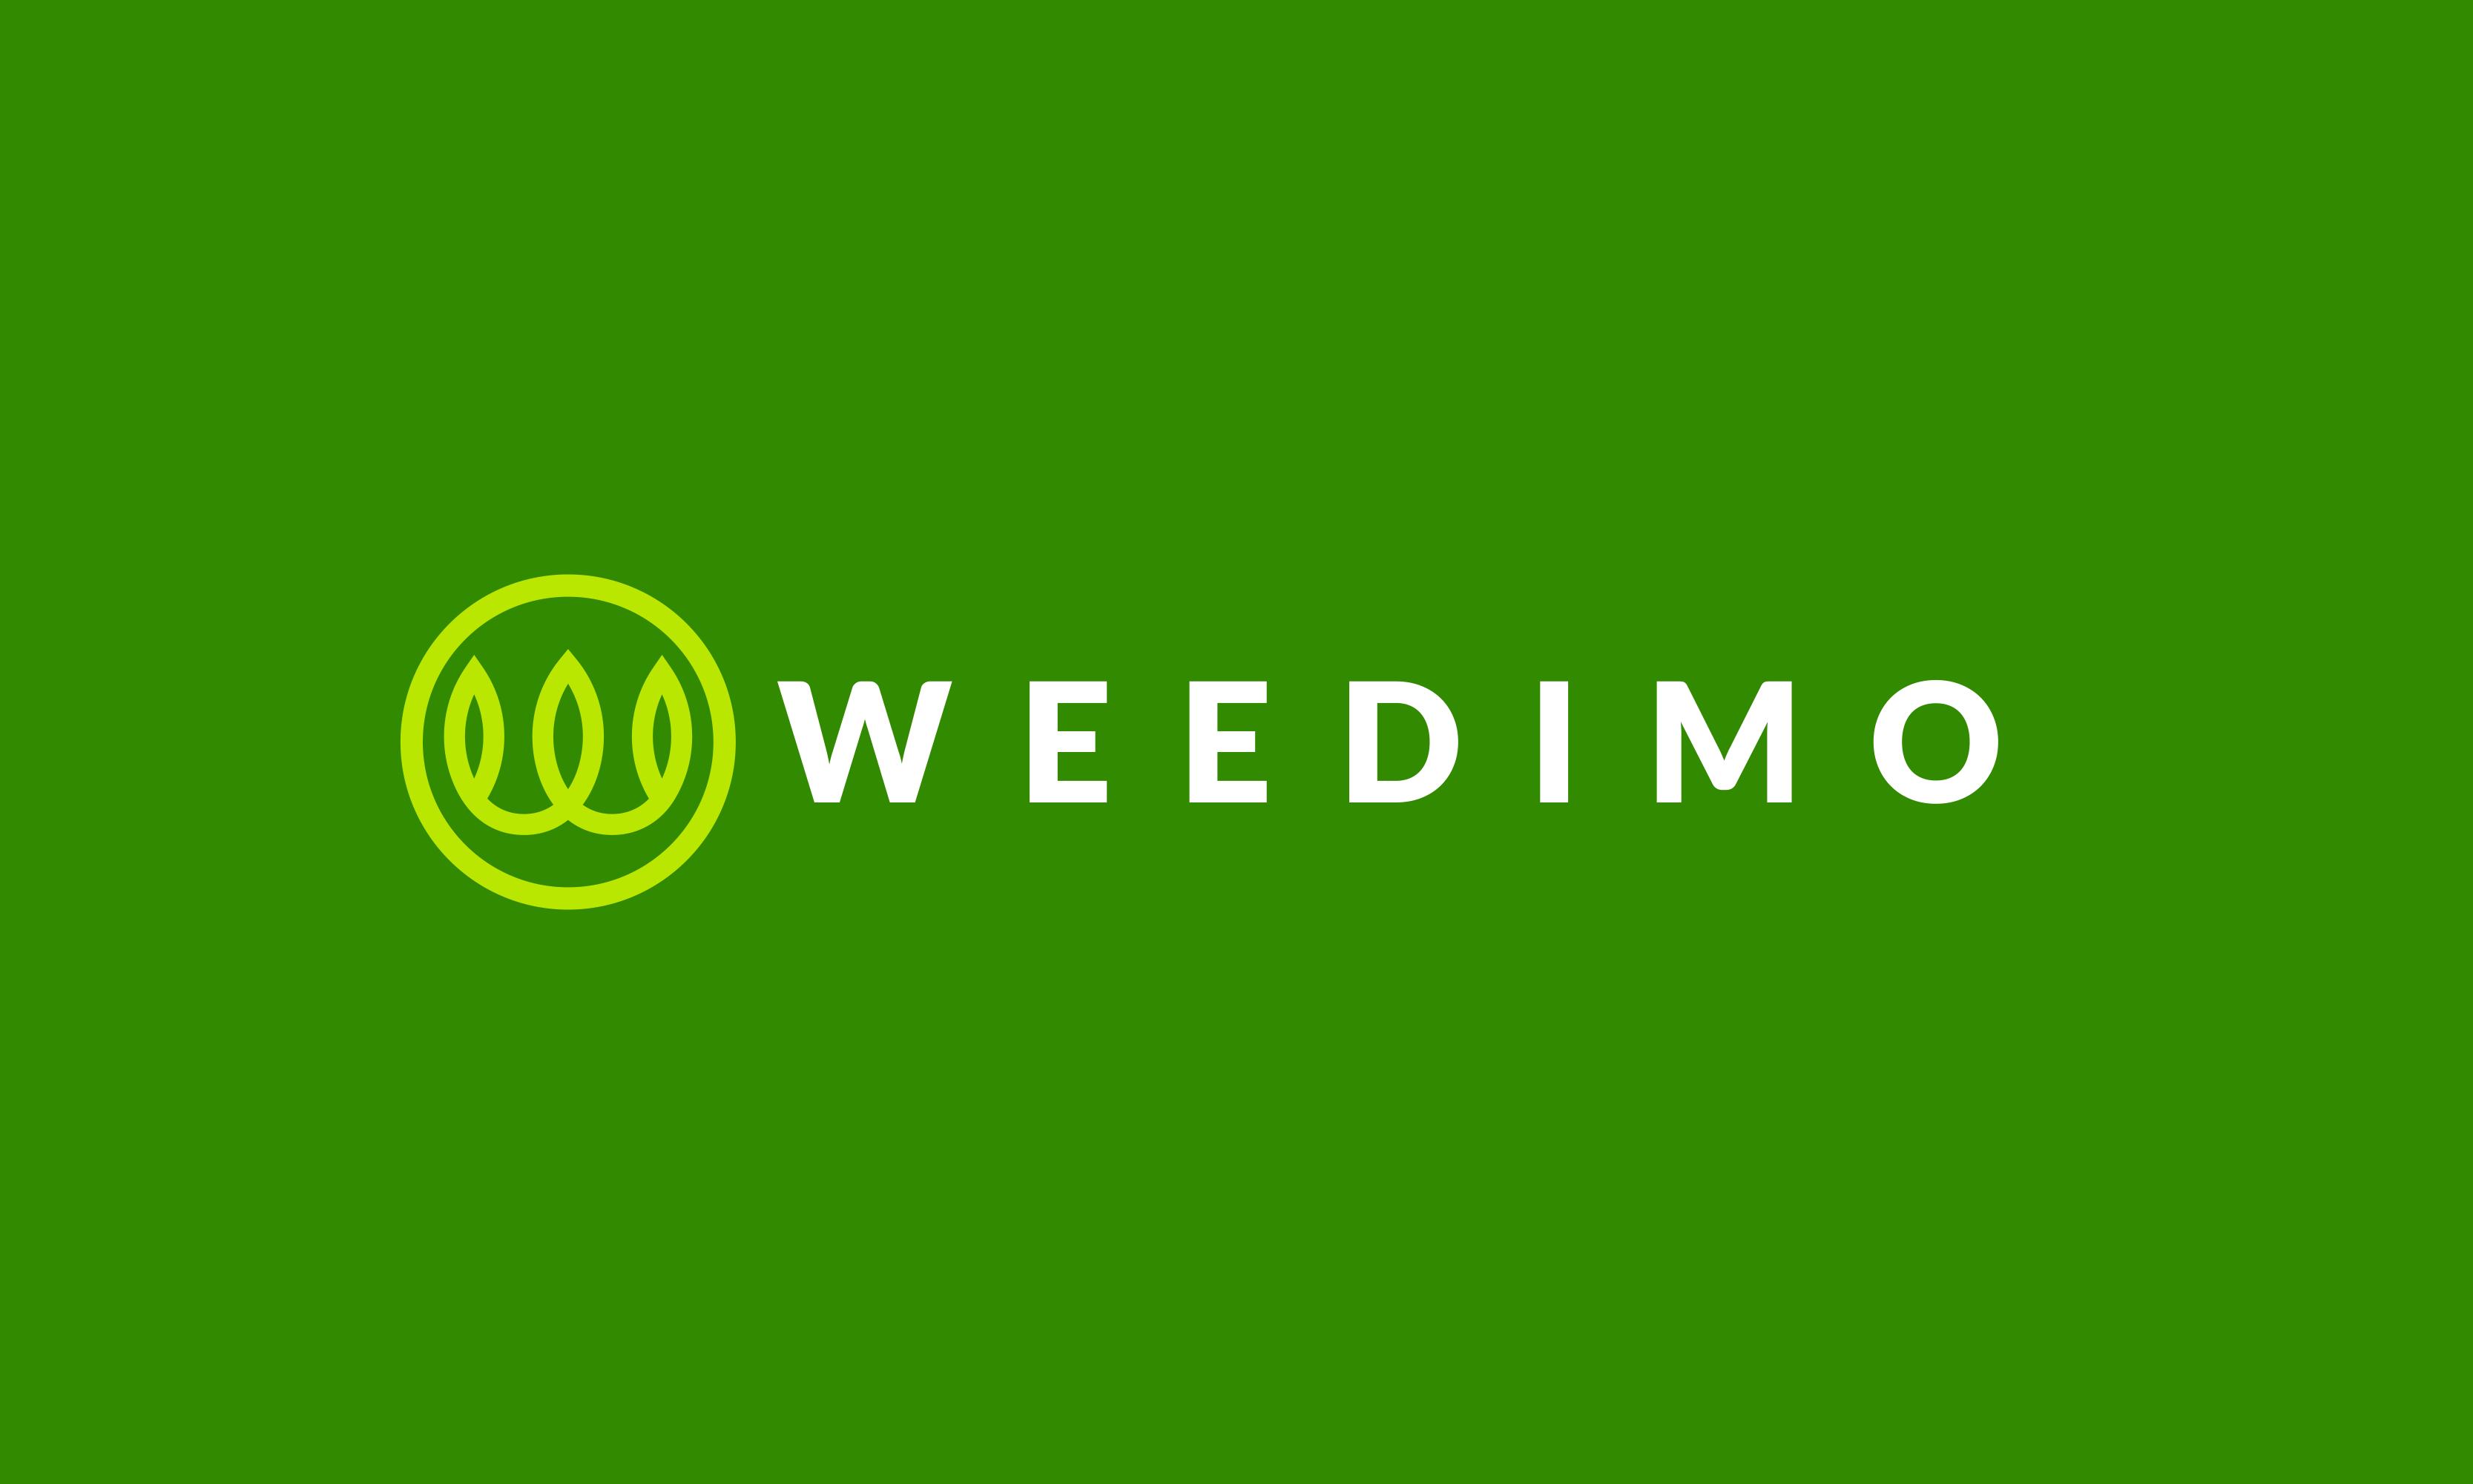 Weedimo